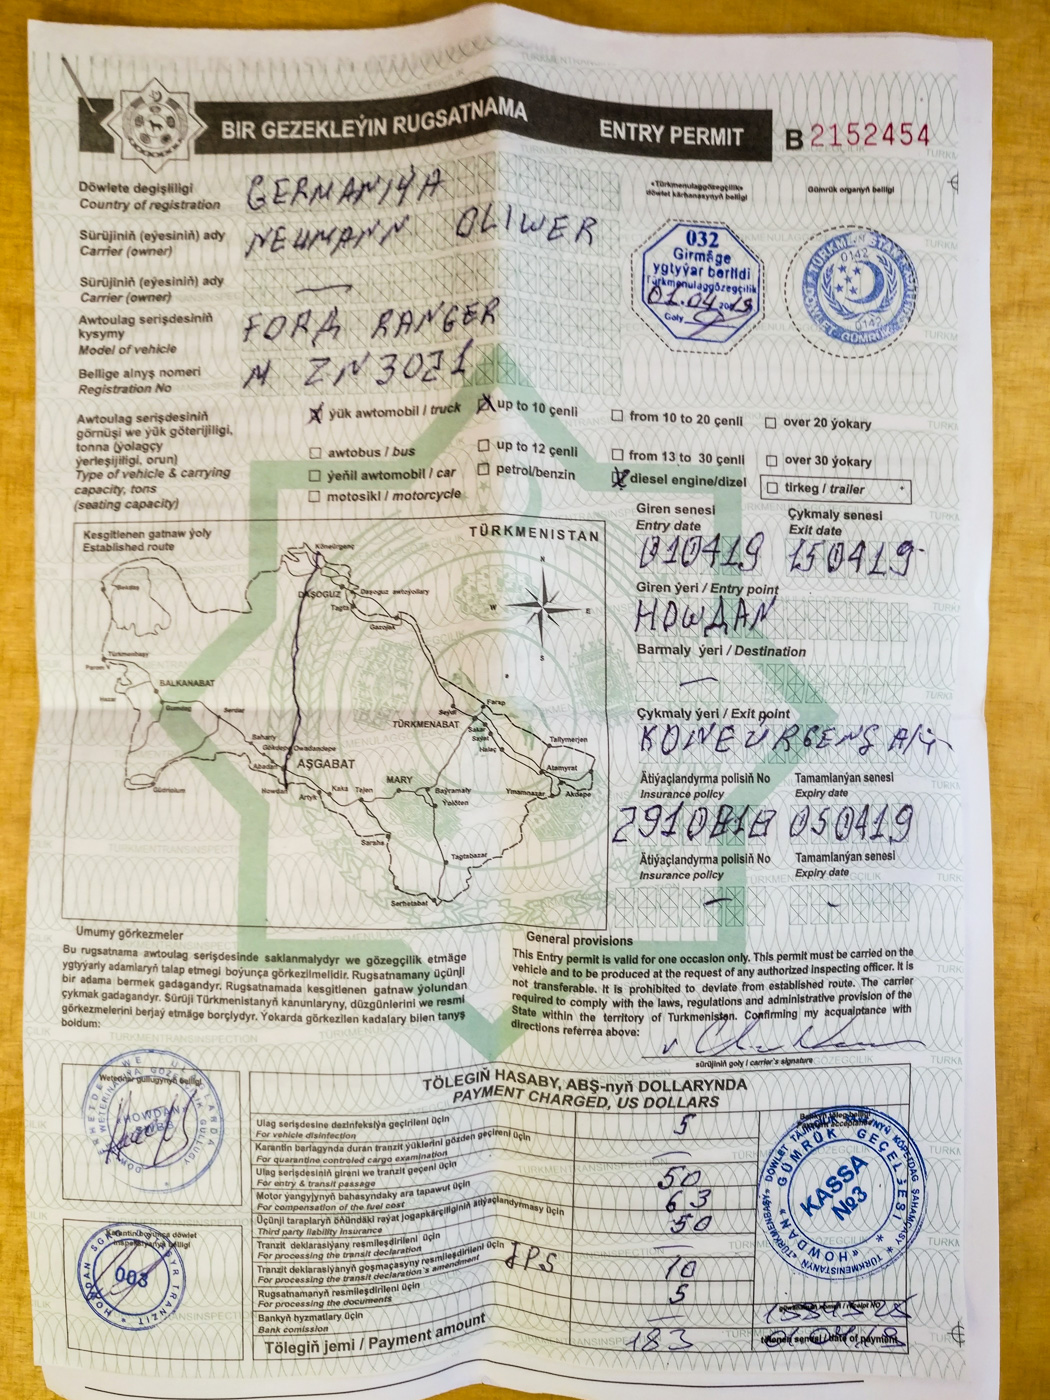 Turkmenistan, Einreiseerlaubnis mit definierter Route und Gebühren.